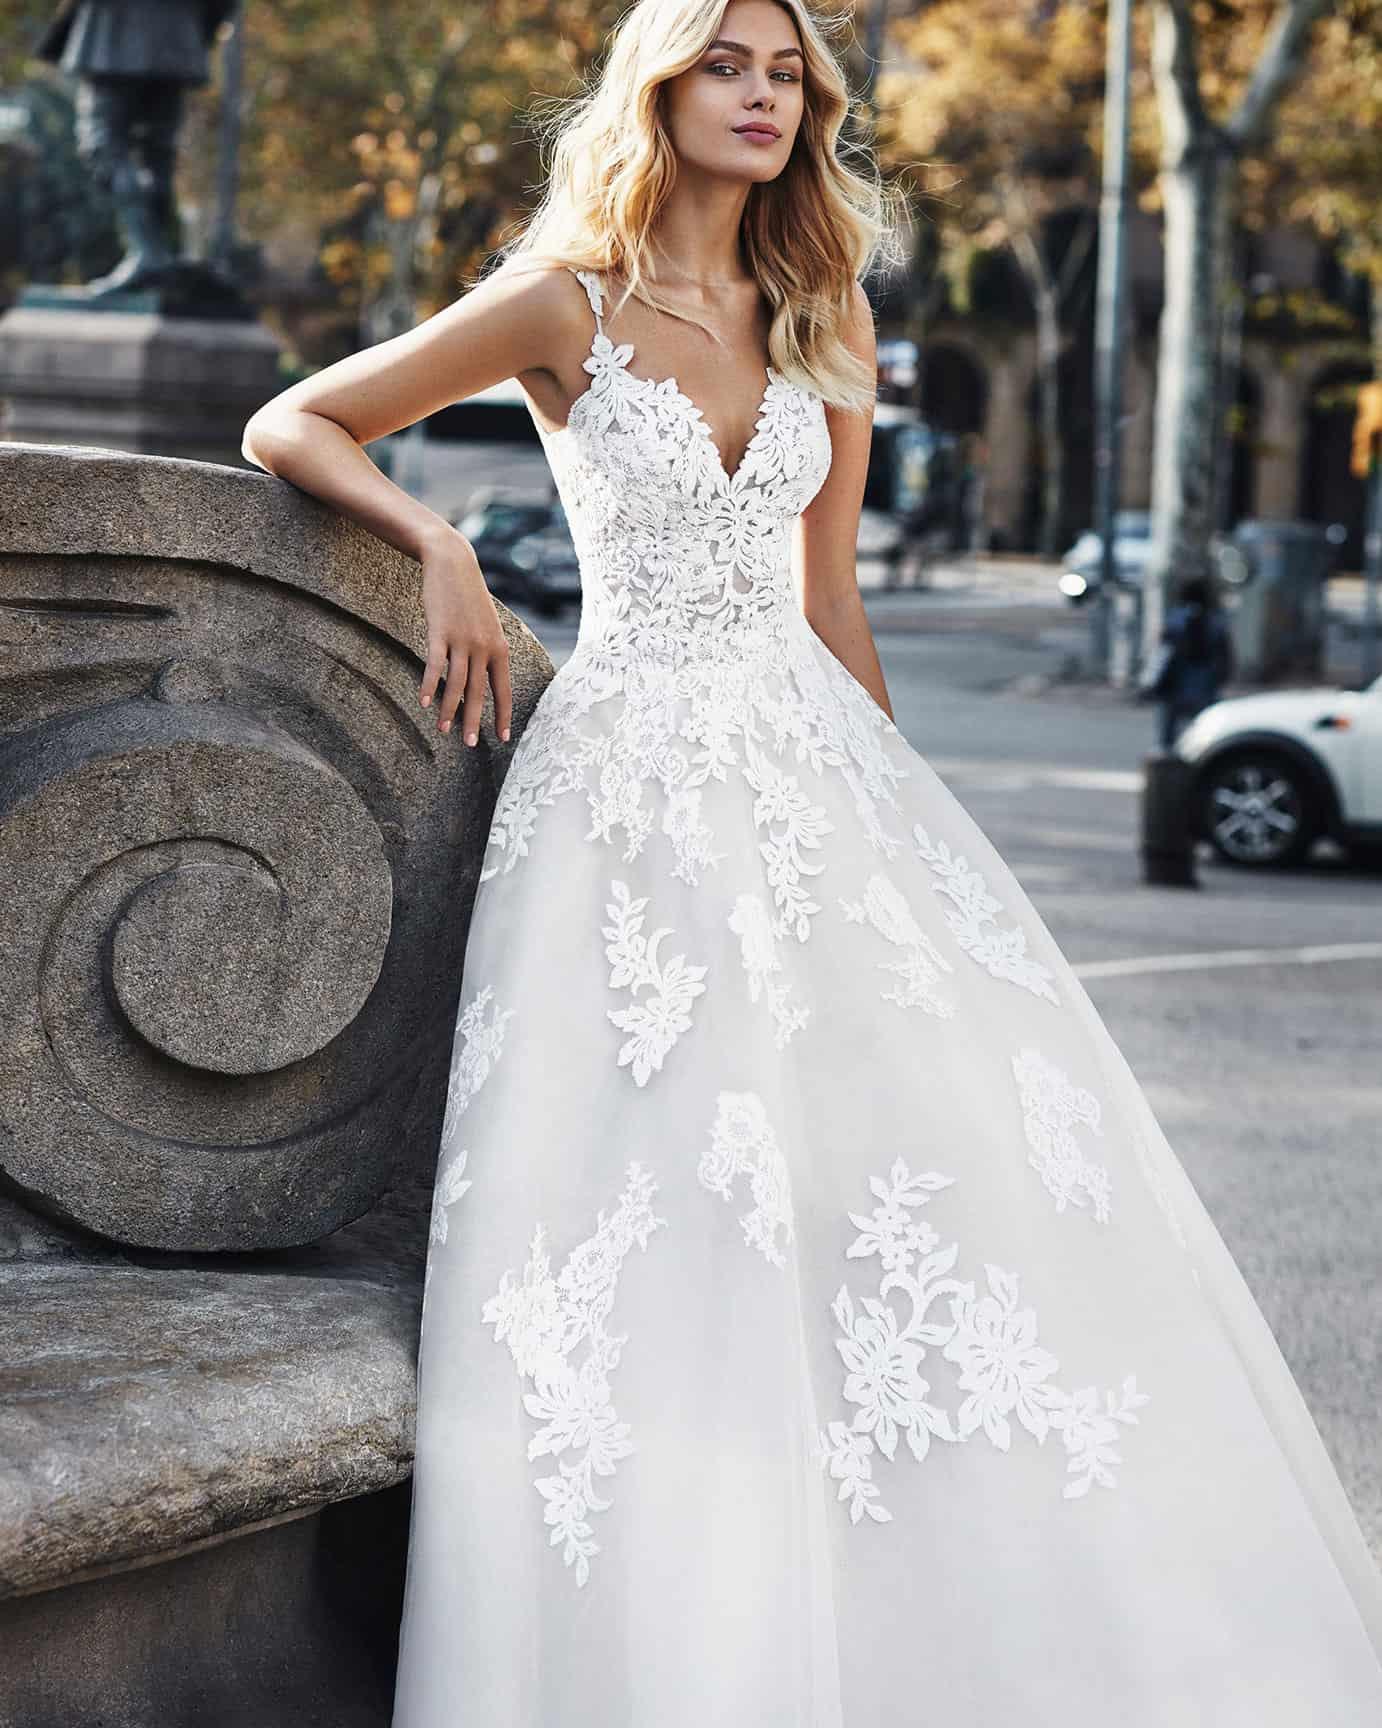 Luna Novias Verti   Prinzessinnen Brautkleid   Hochzeitskleid A-Linie   Brautmode Köln Anna Moda   C